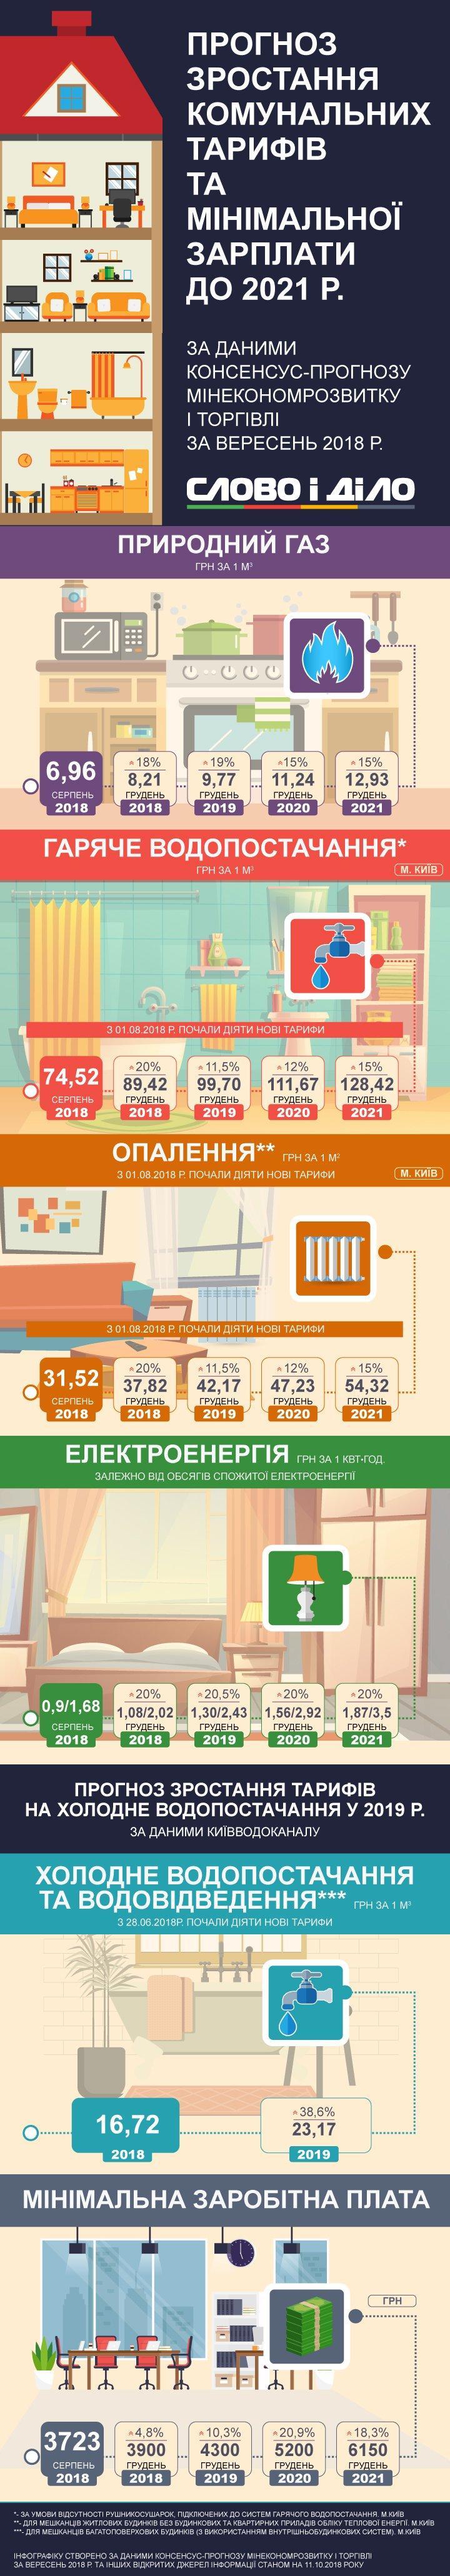 Как в Украине вырастет коммуналка: прогноз до 2021 года (инфографика)